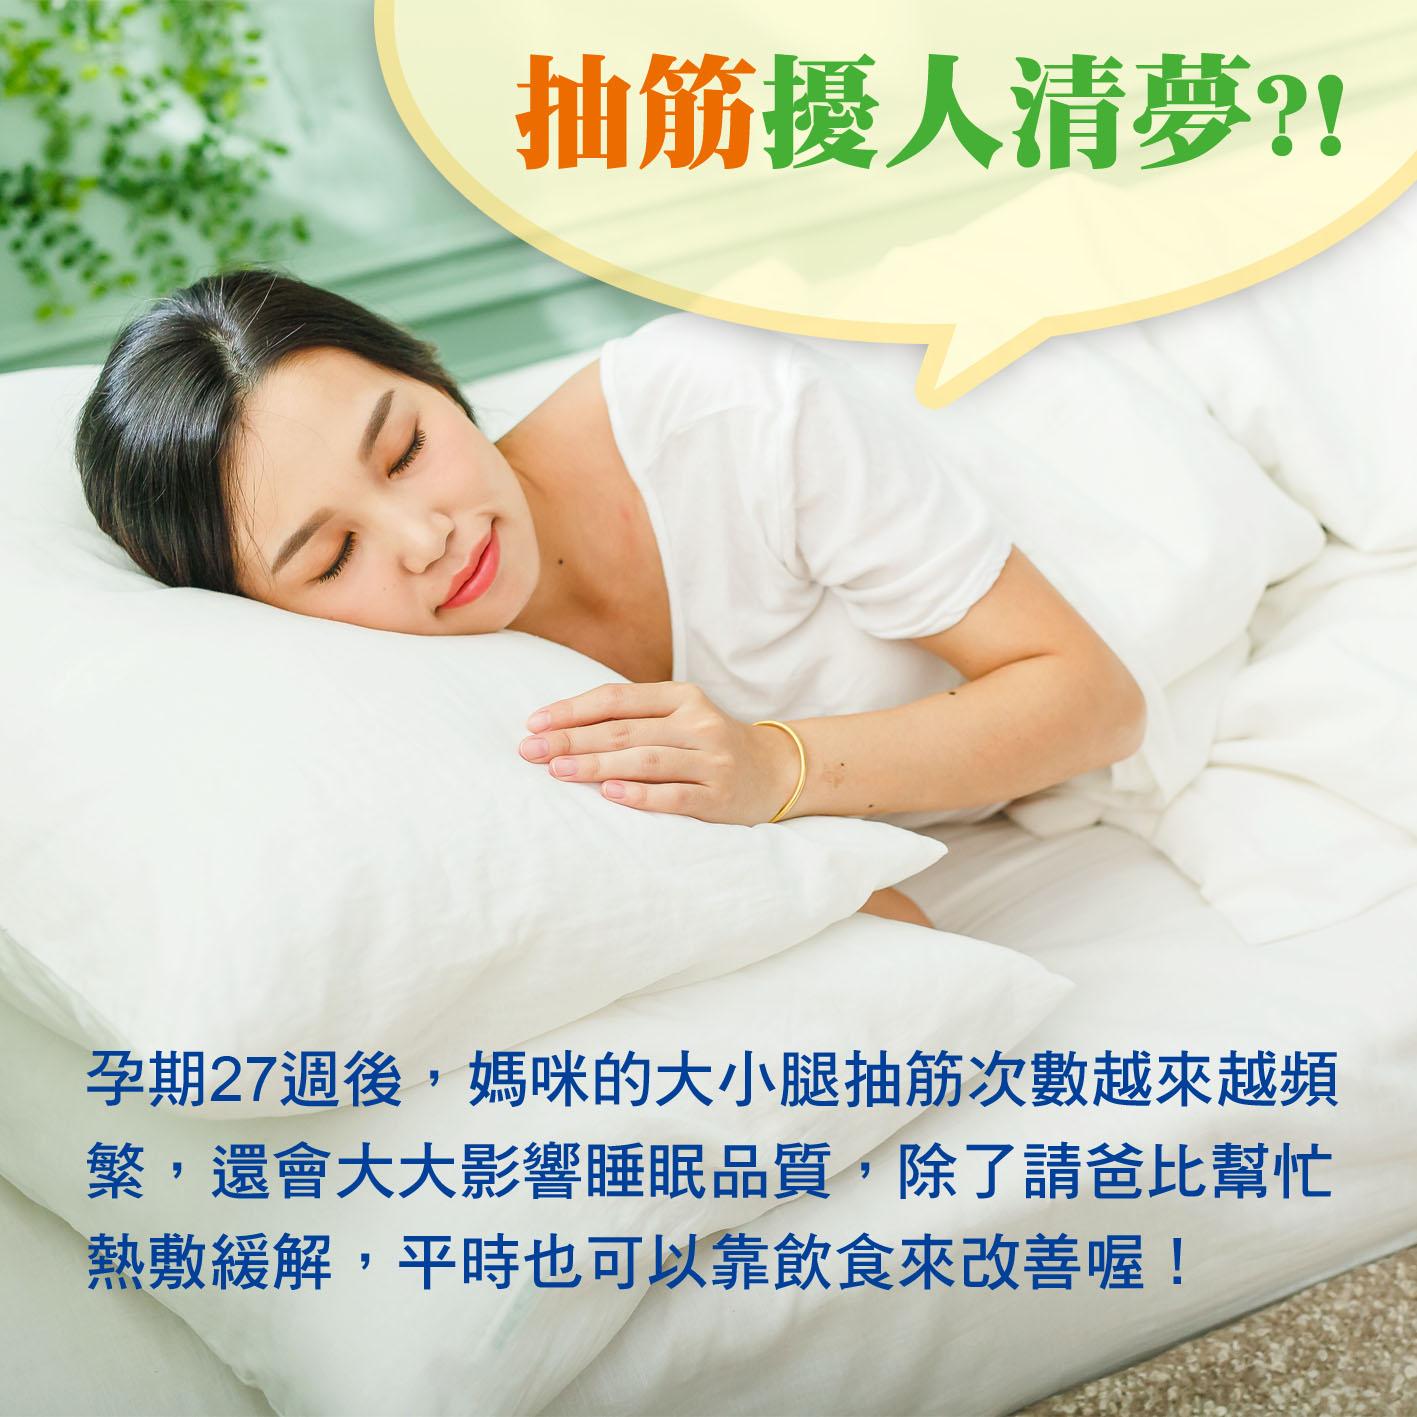 懷孕第27週-抽筋擾人清夢?!